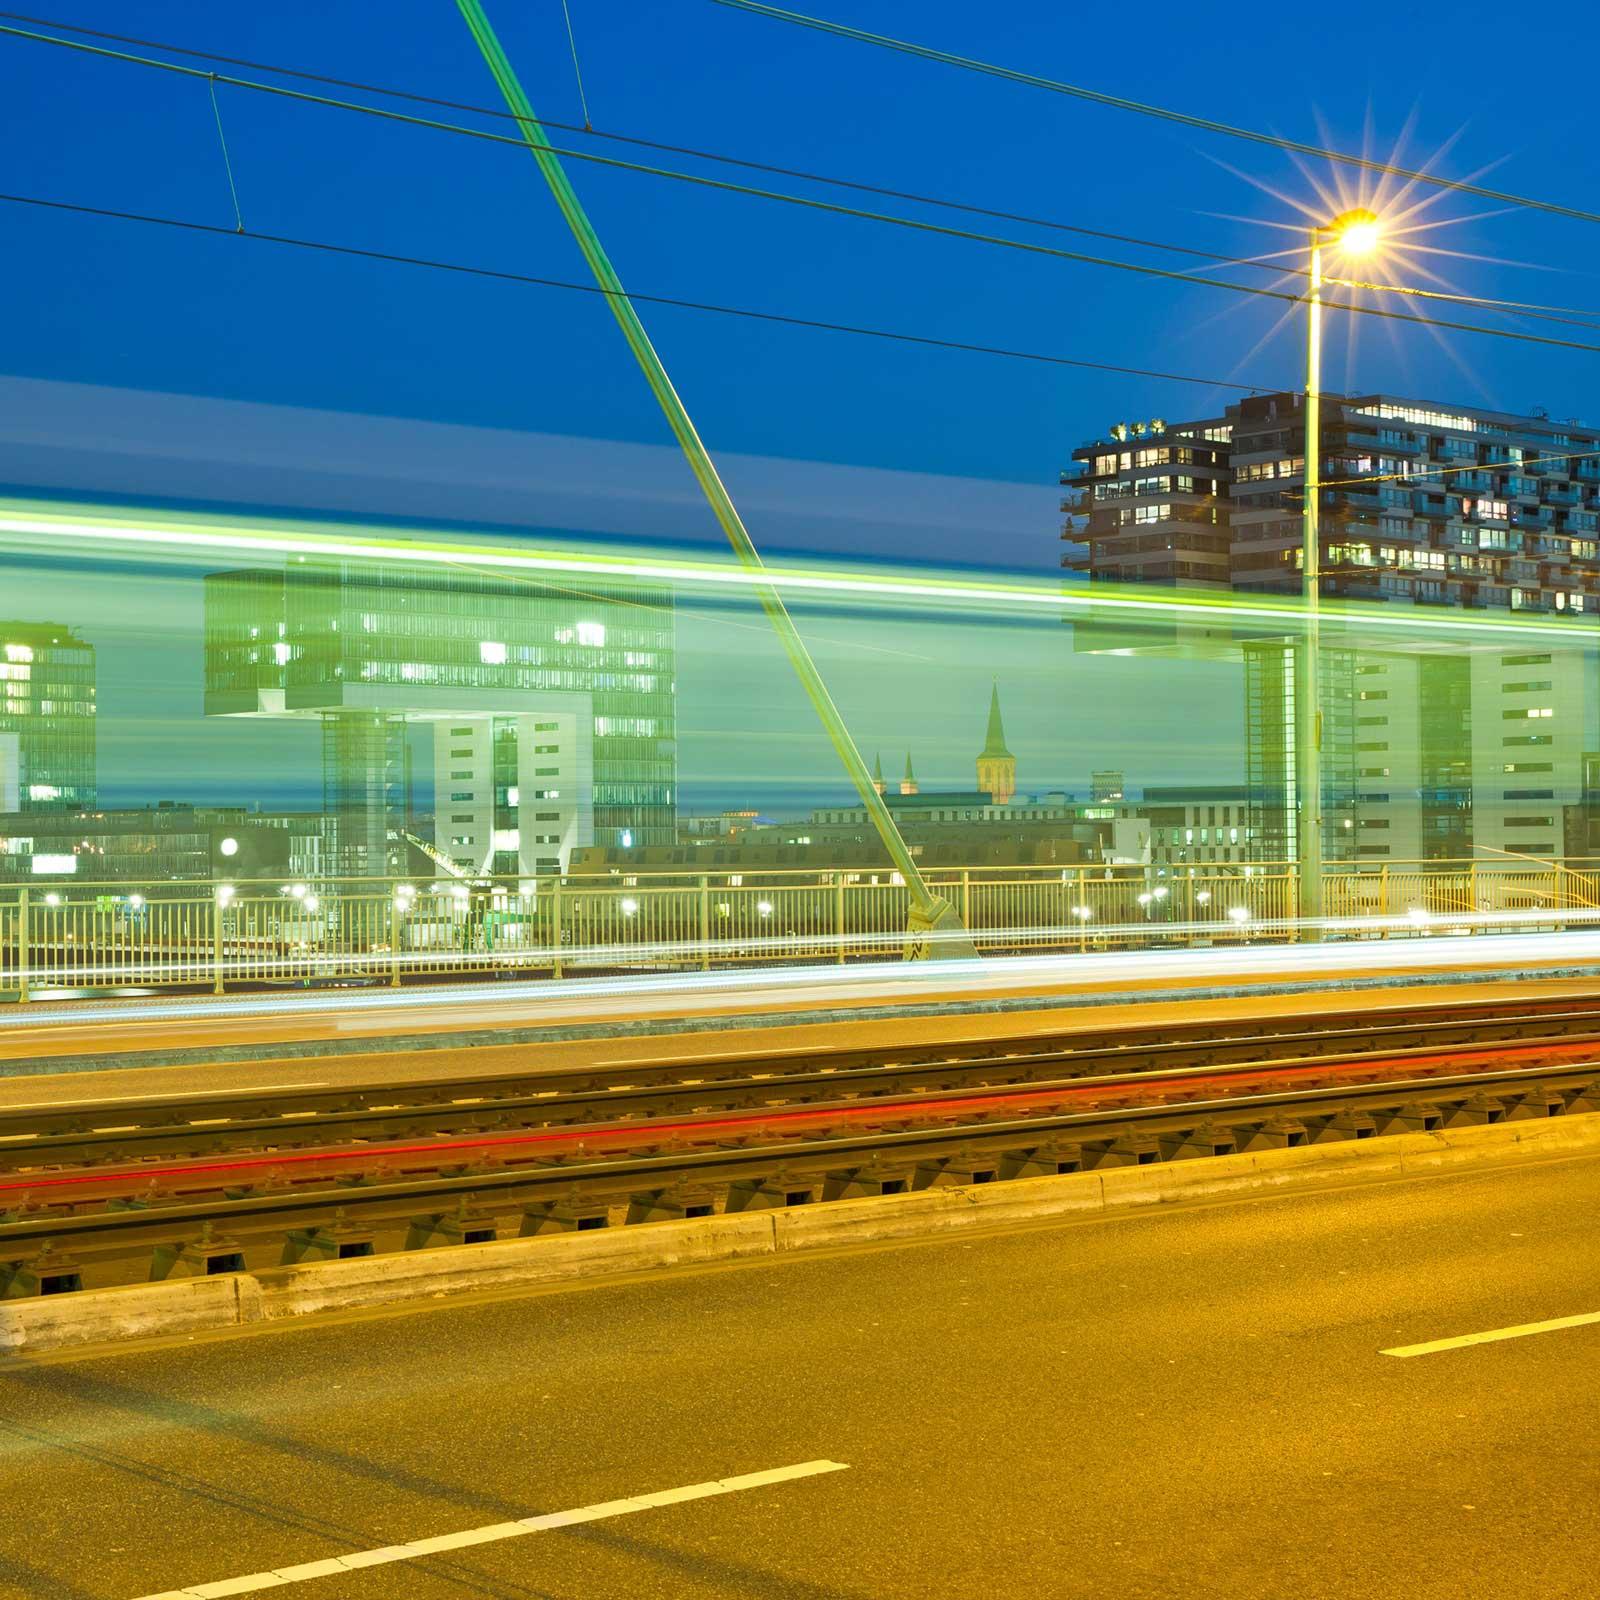 Fantastisch Straßenlicht Schaltungsprojekt Ideen - Elektrische ...